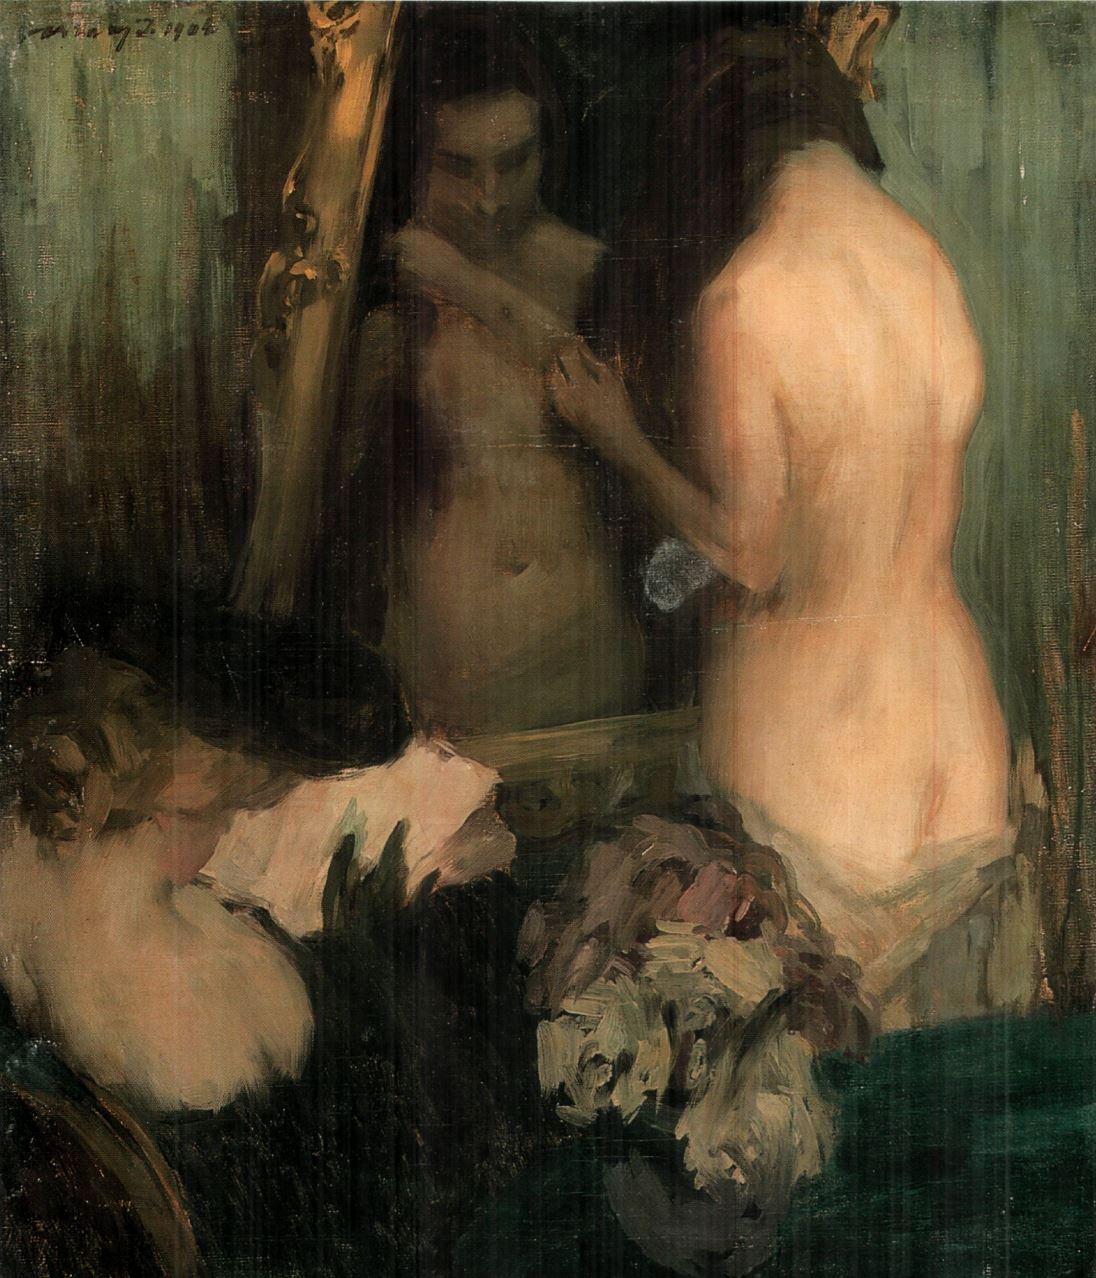 ellie kemper nude real